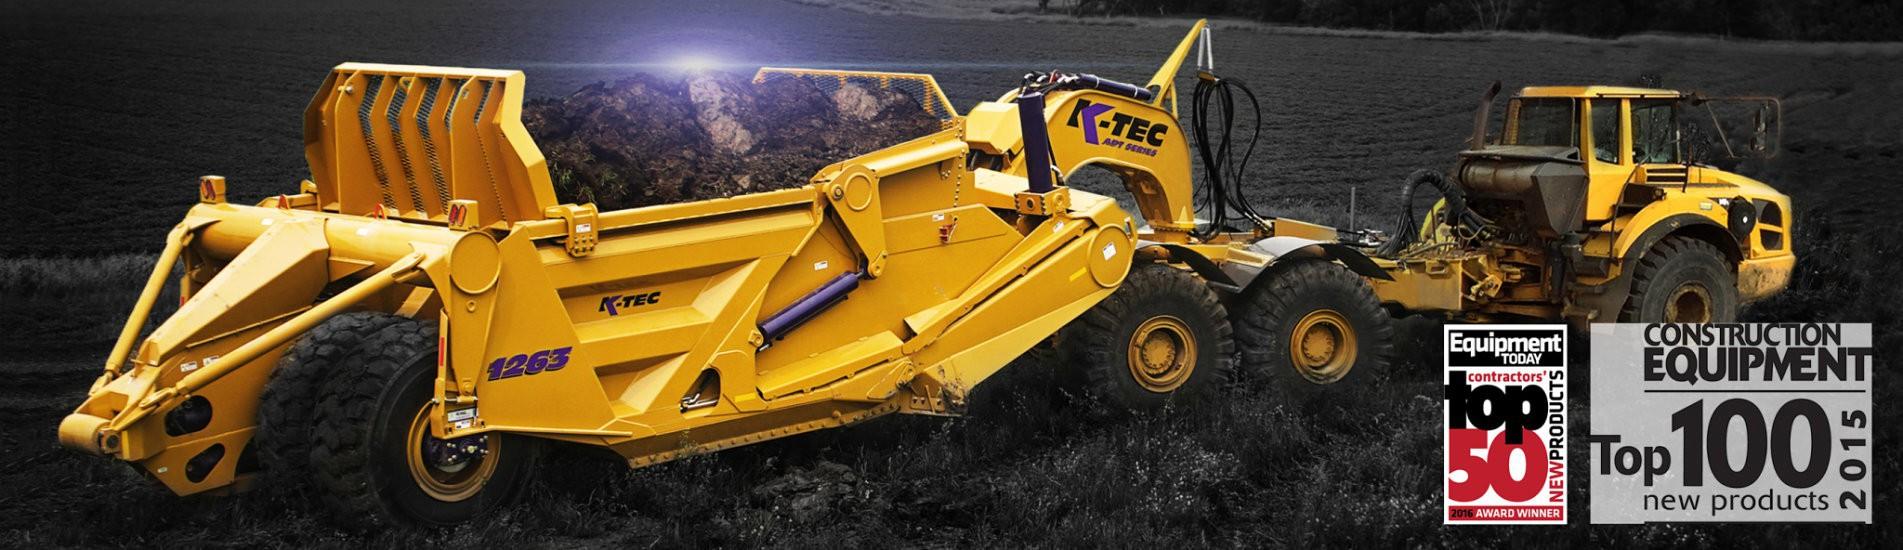 K-Tec 1263 ADT